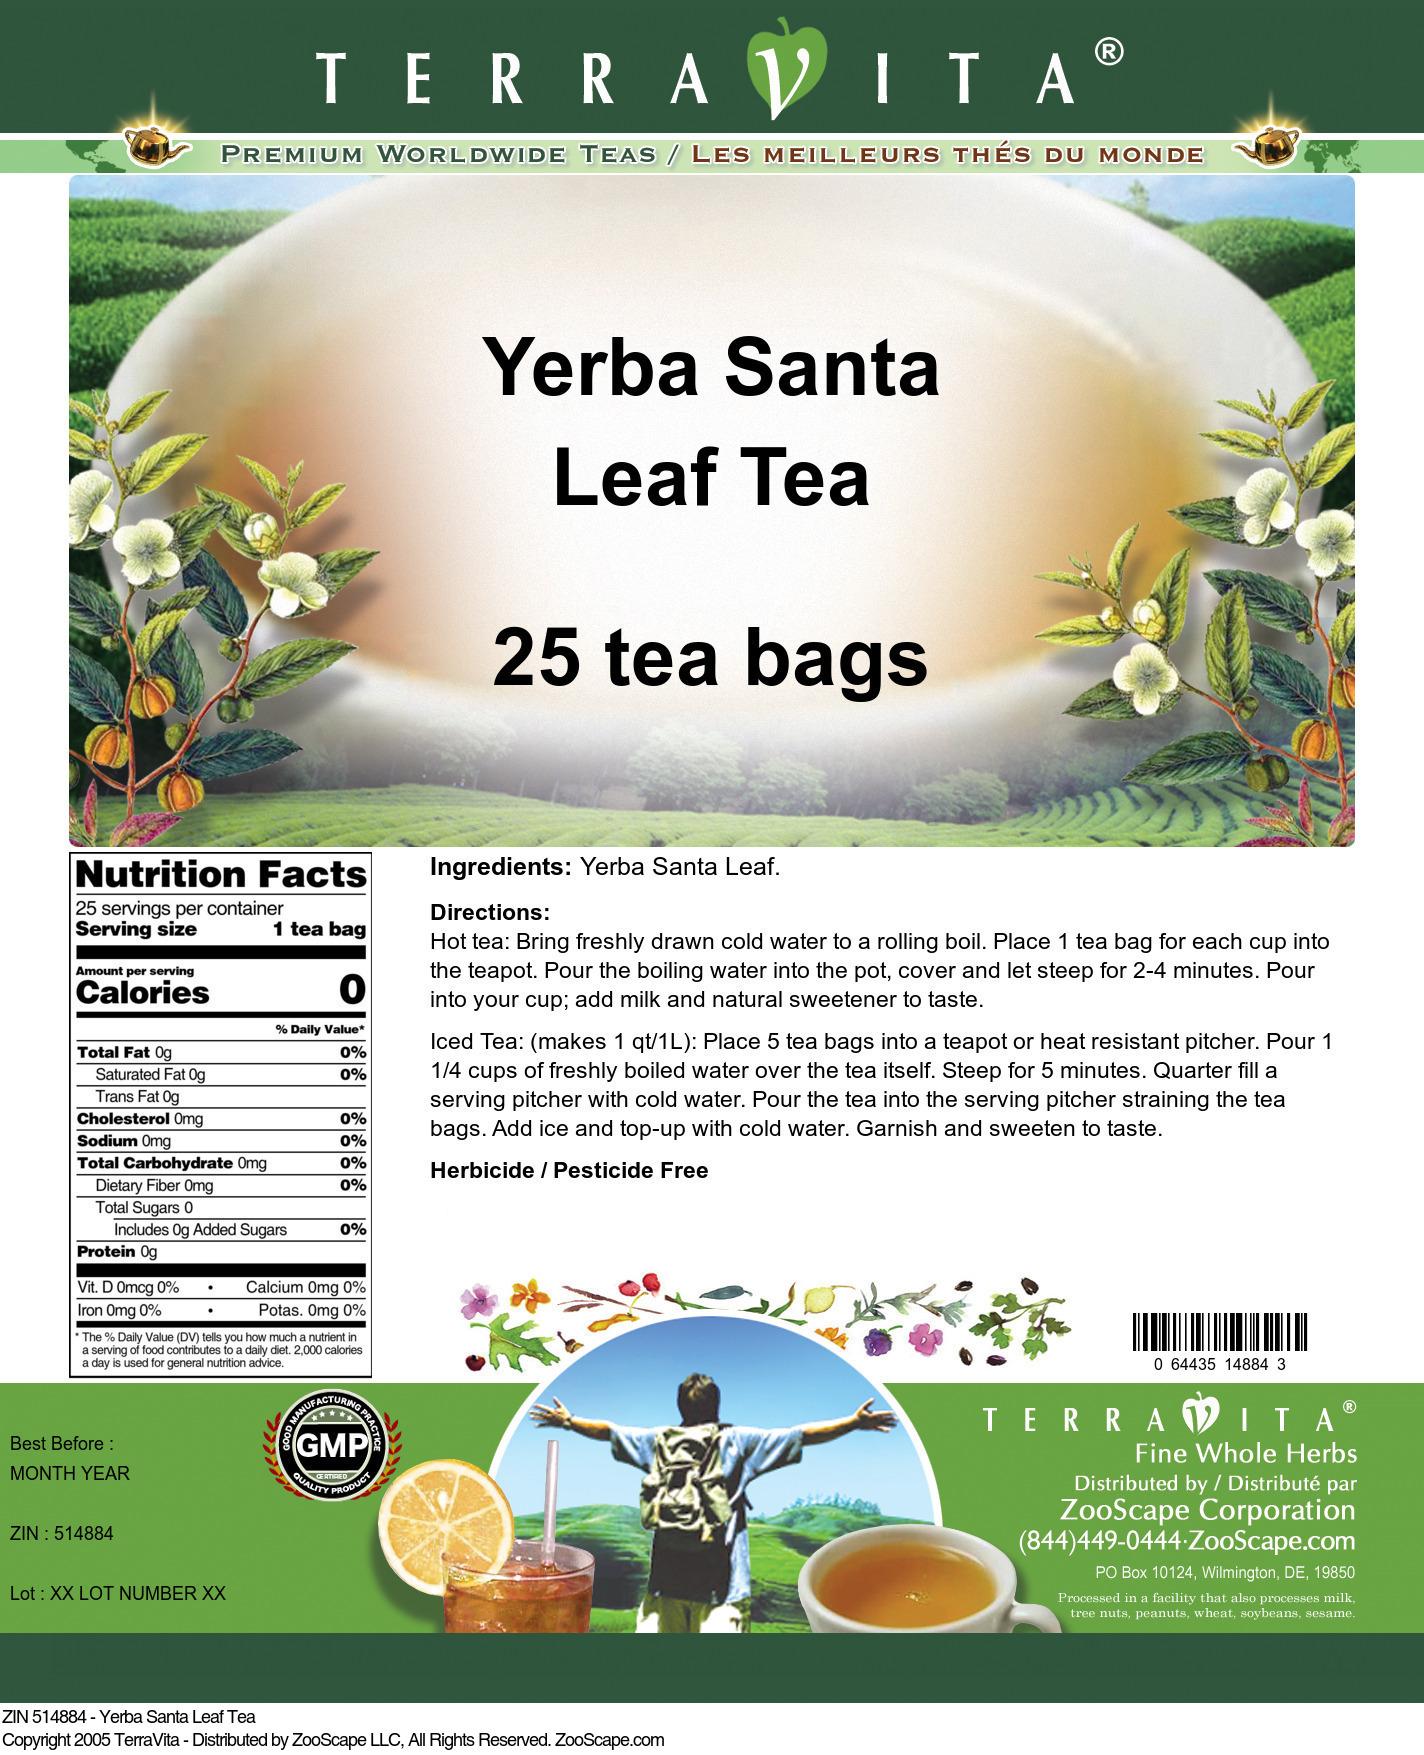 Yerba Santa Leaf Tea